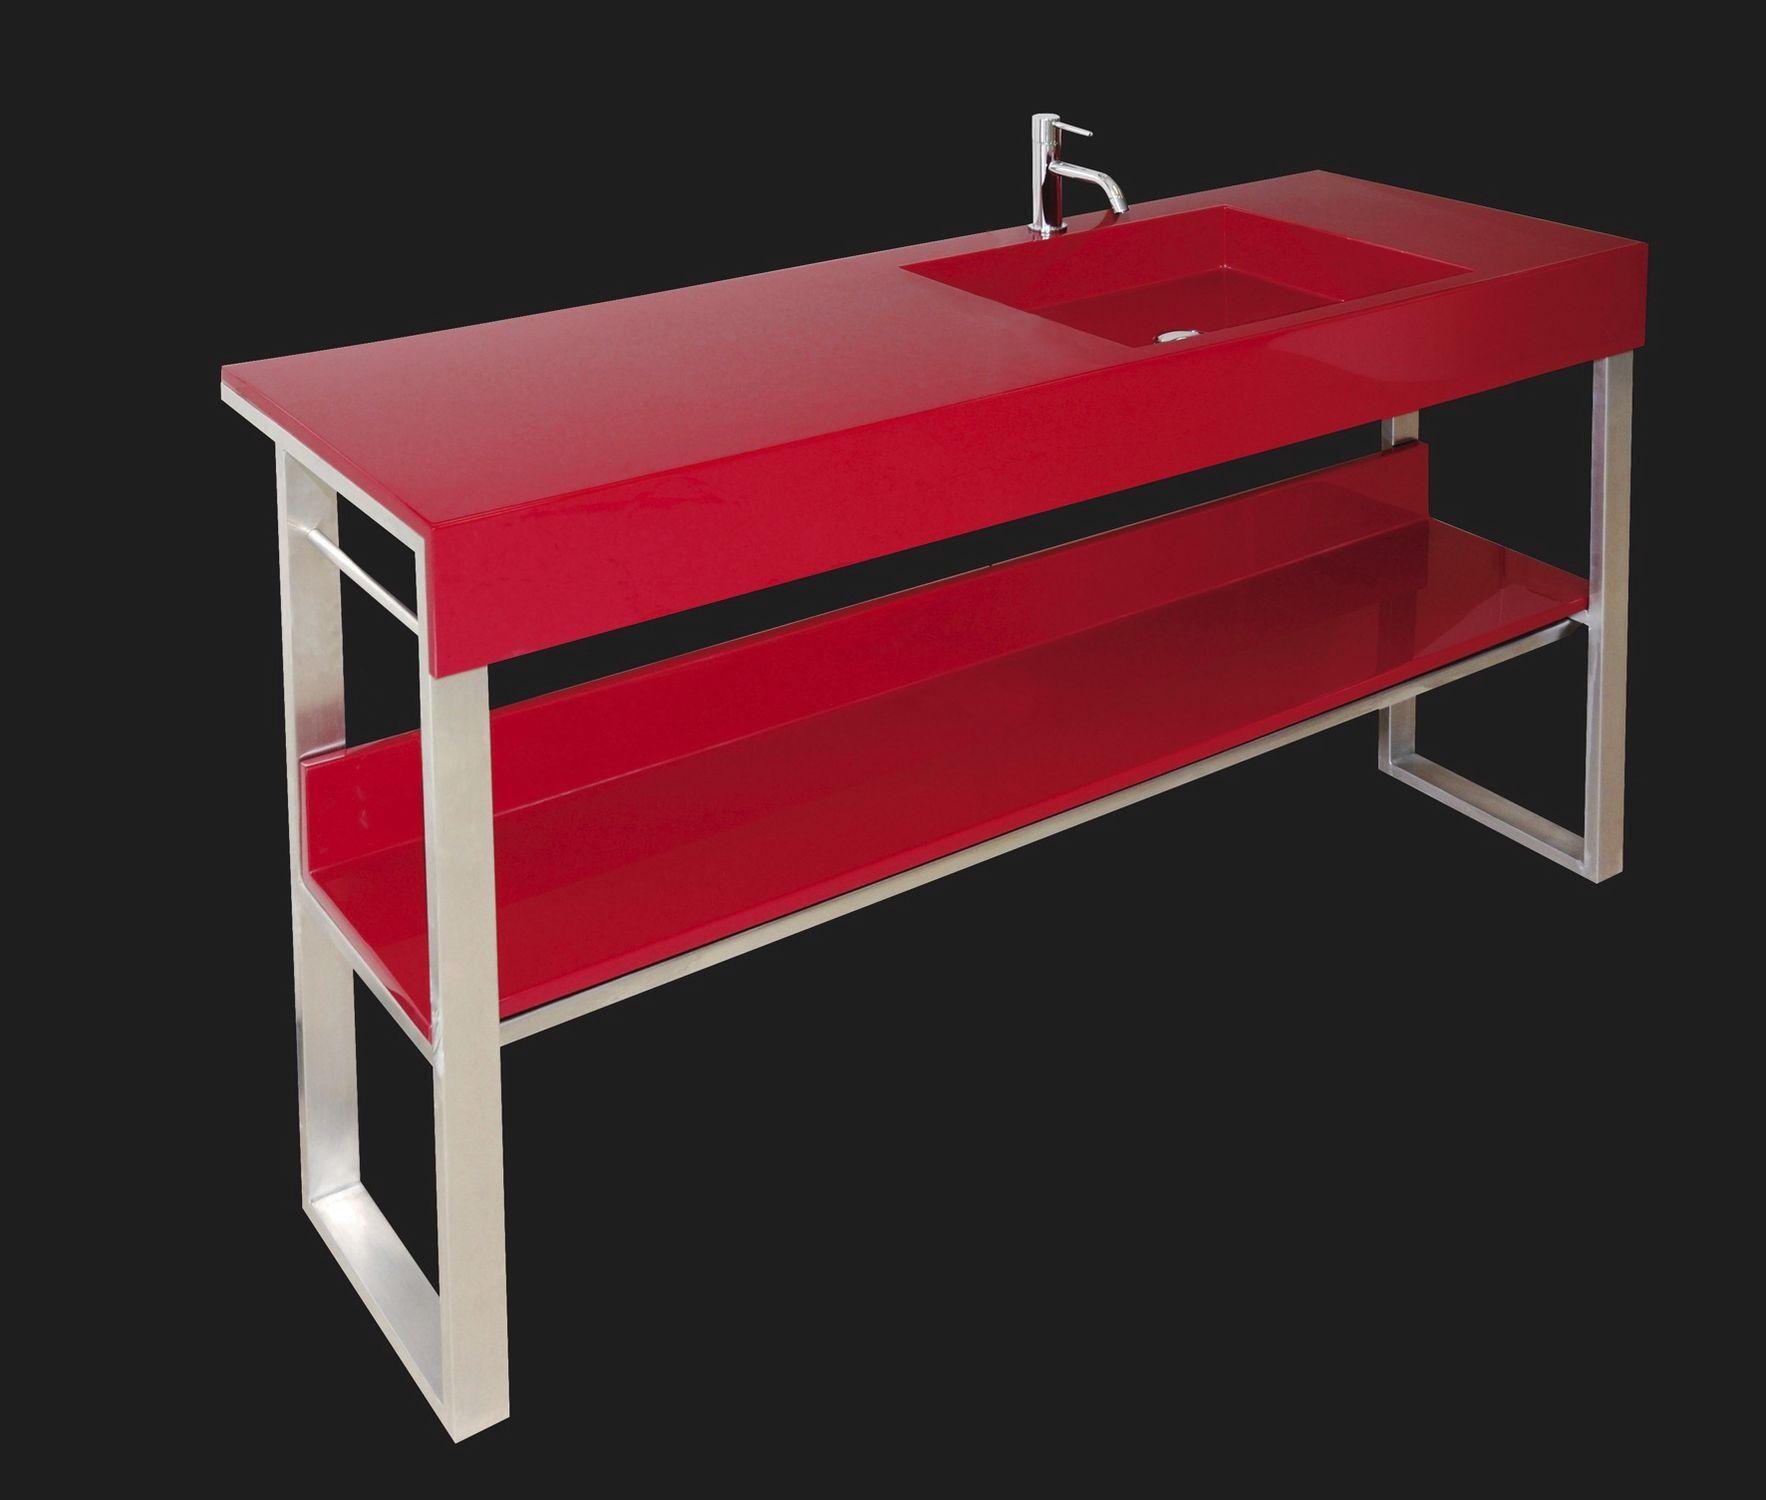 Waschtischunterschrank freistehend  Doppelter Waschtischunterschrank / freistehend / Edelstahl ...